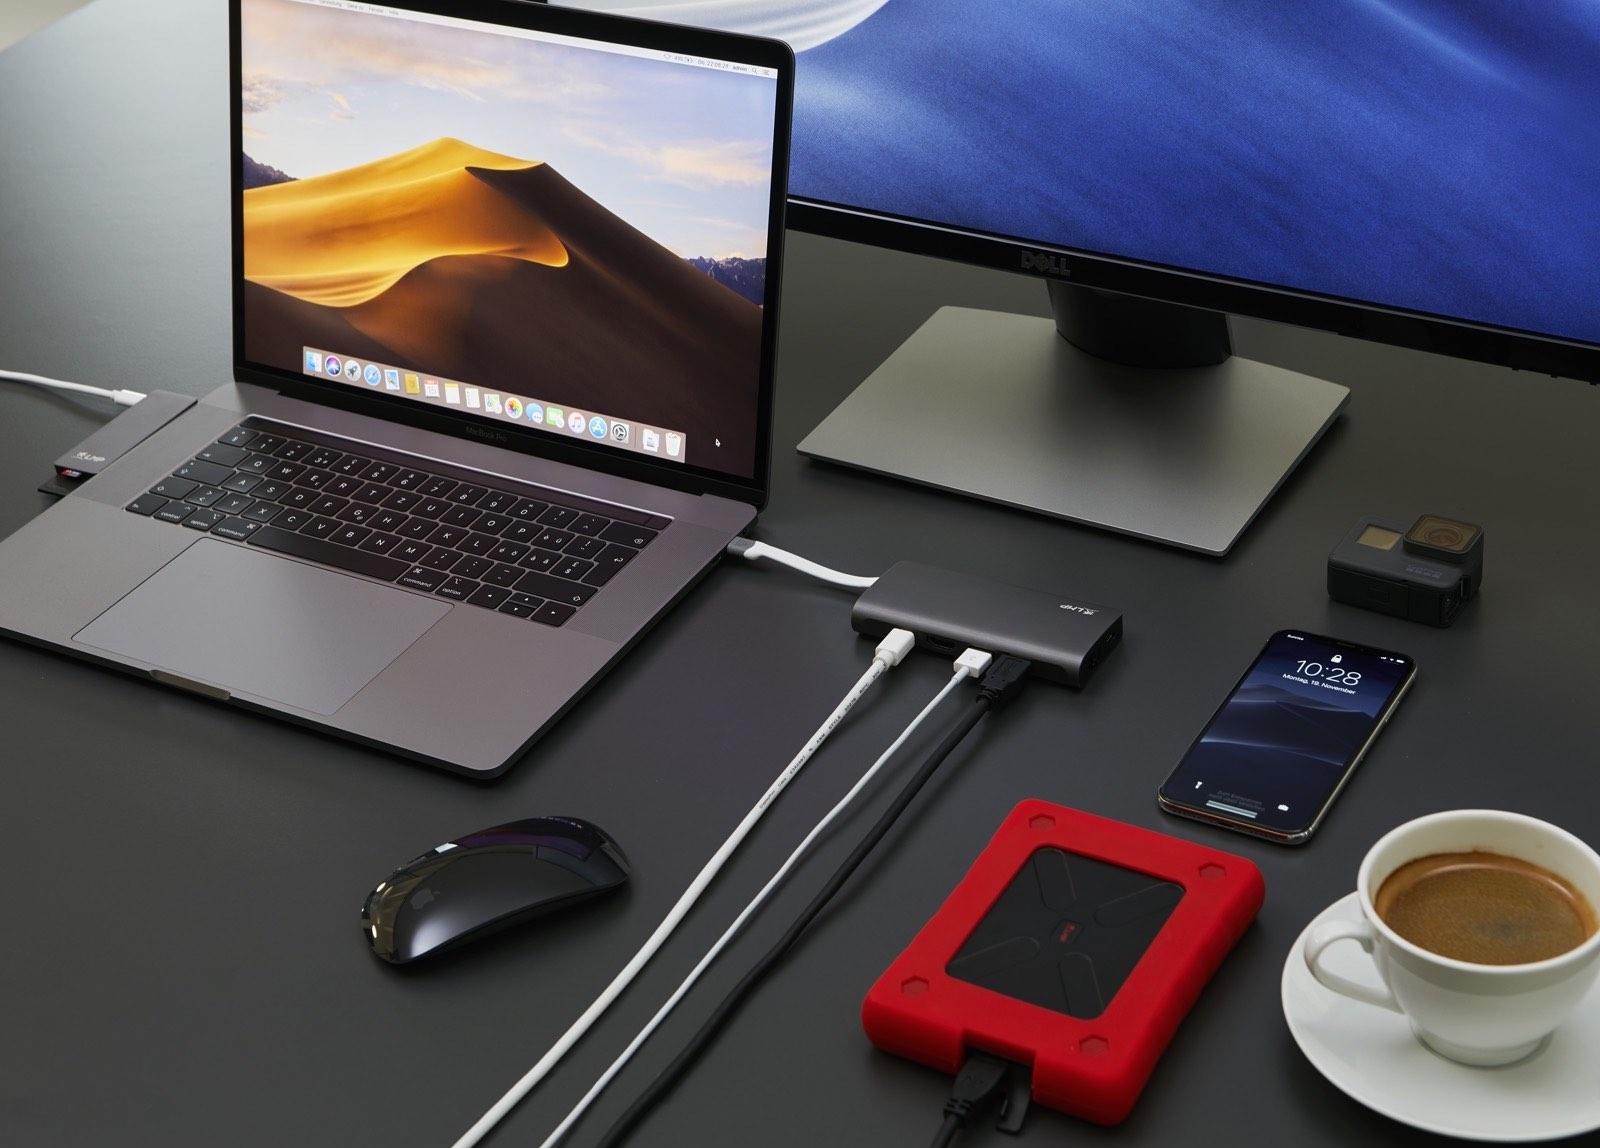 Das USB-C Travel Dock bietet viele Anschlussmöglichkeiten für Laptops wie das MacBook Pro